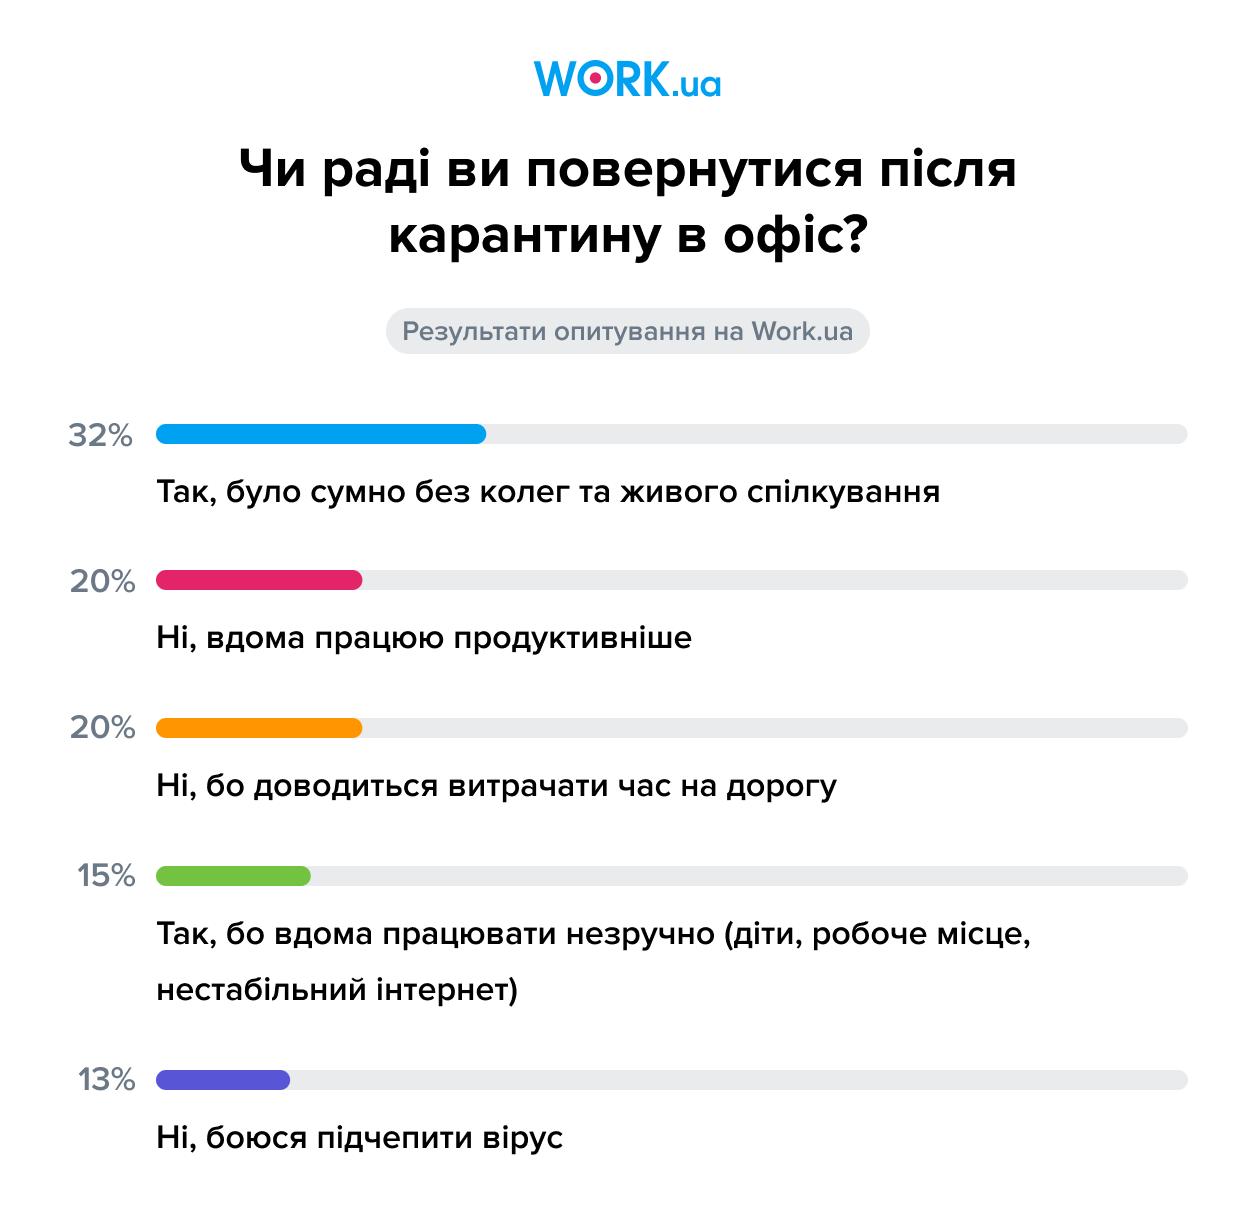 Опитування проводилося в липні 2020. У ньому взяли участь 3070 осіб.